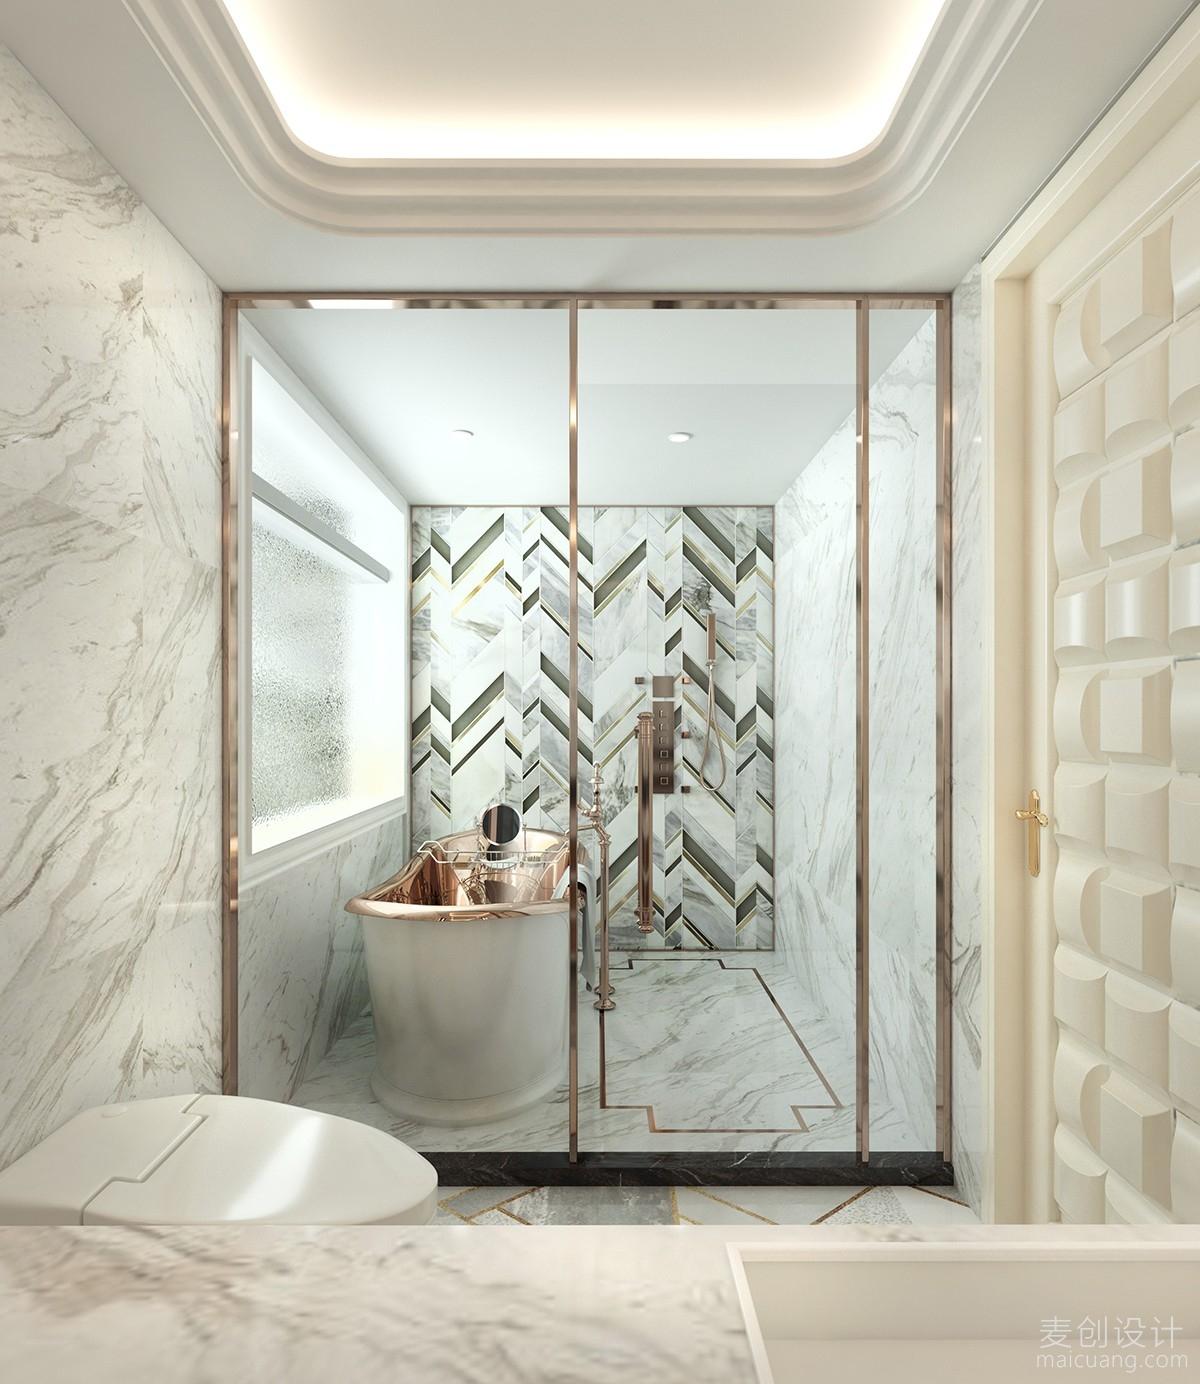 鎏金的浴缸